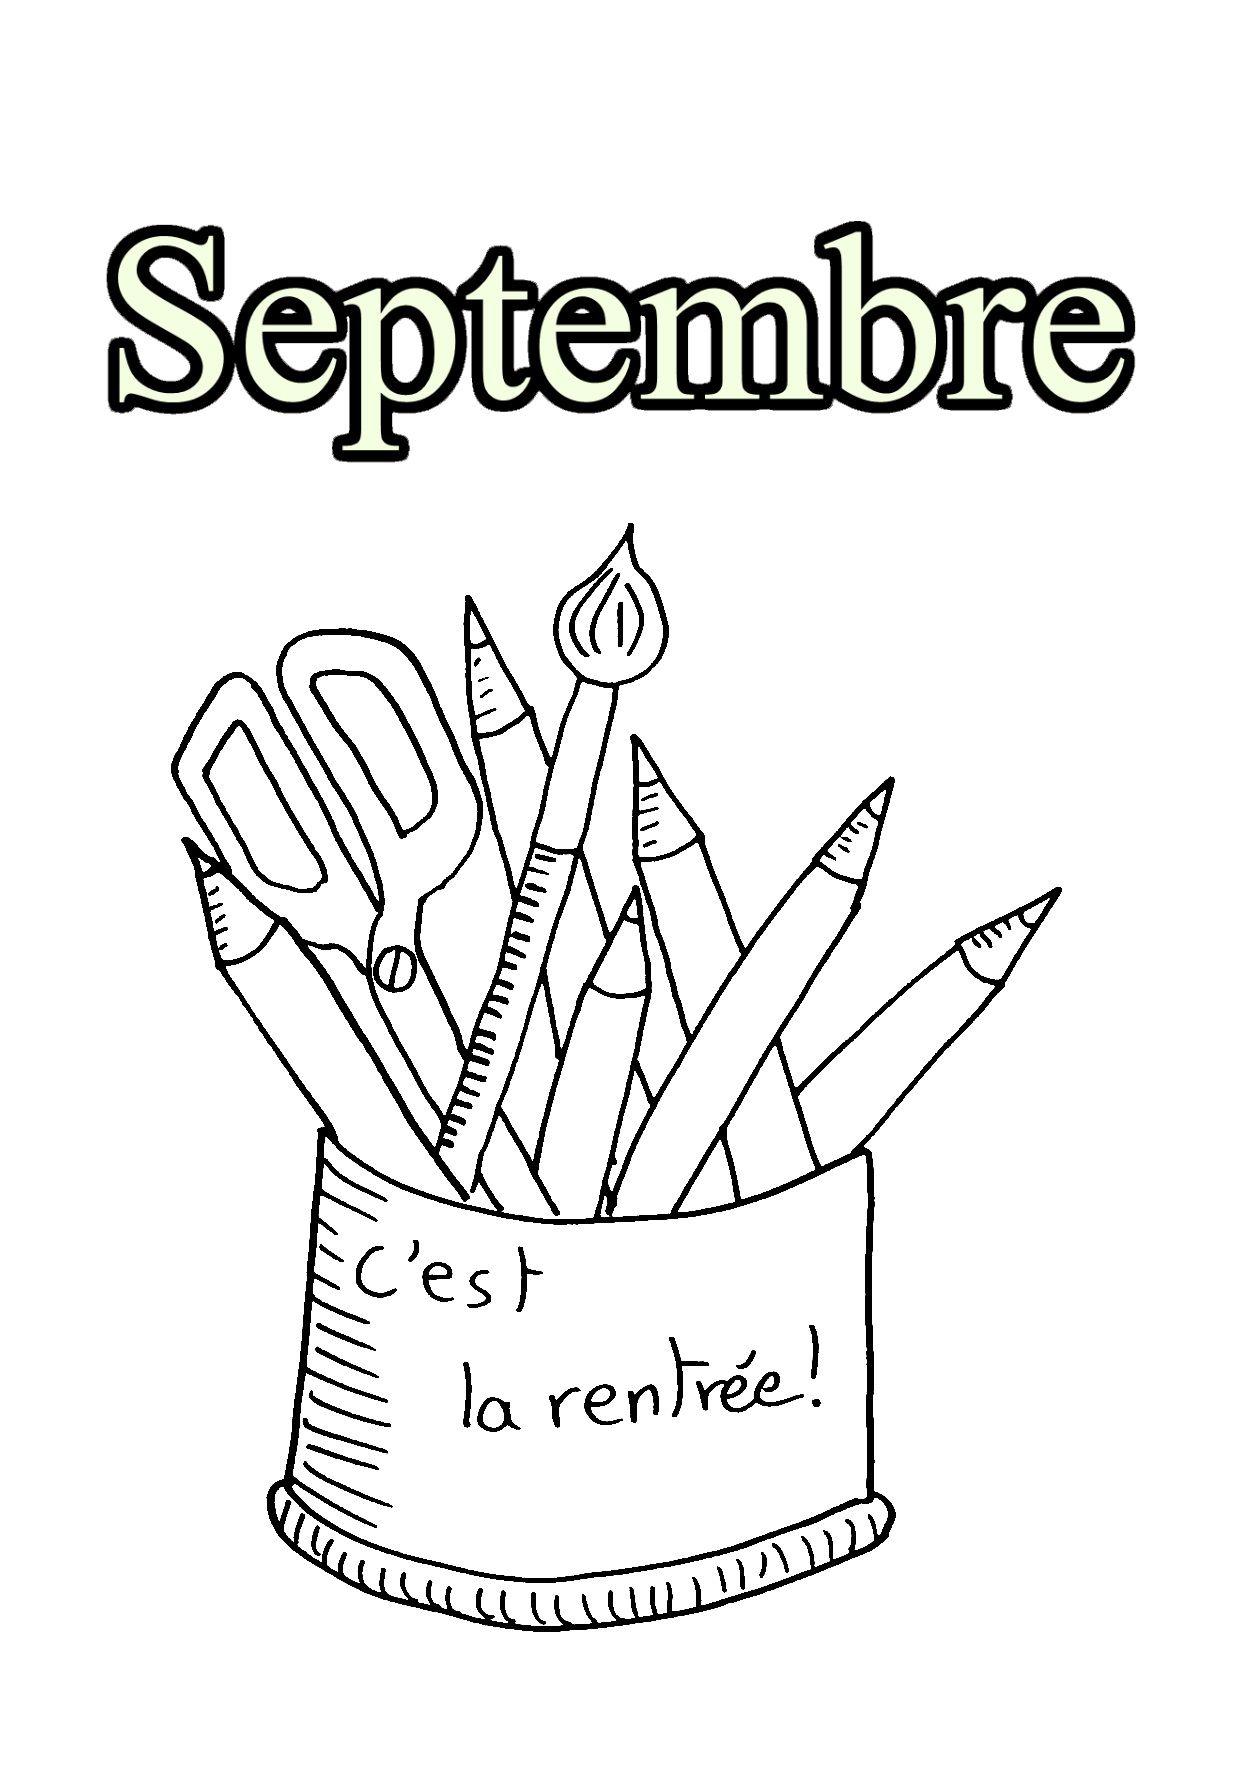 Pour Imprimer Ce Coloriage Gratuit 09 Septembre Cliquez